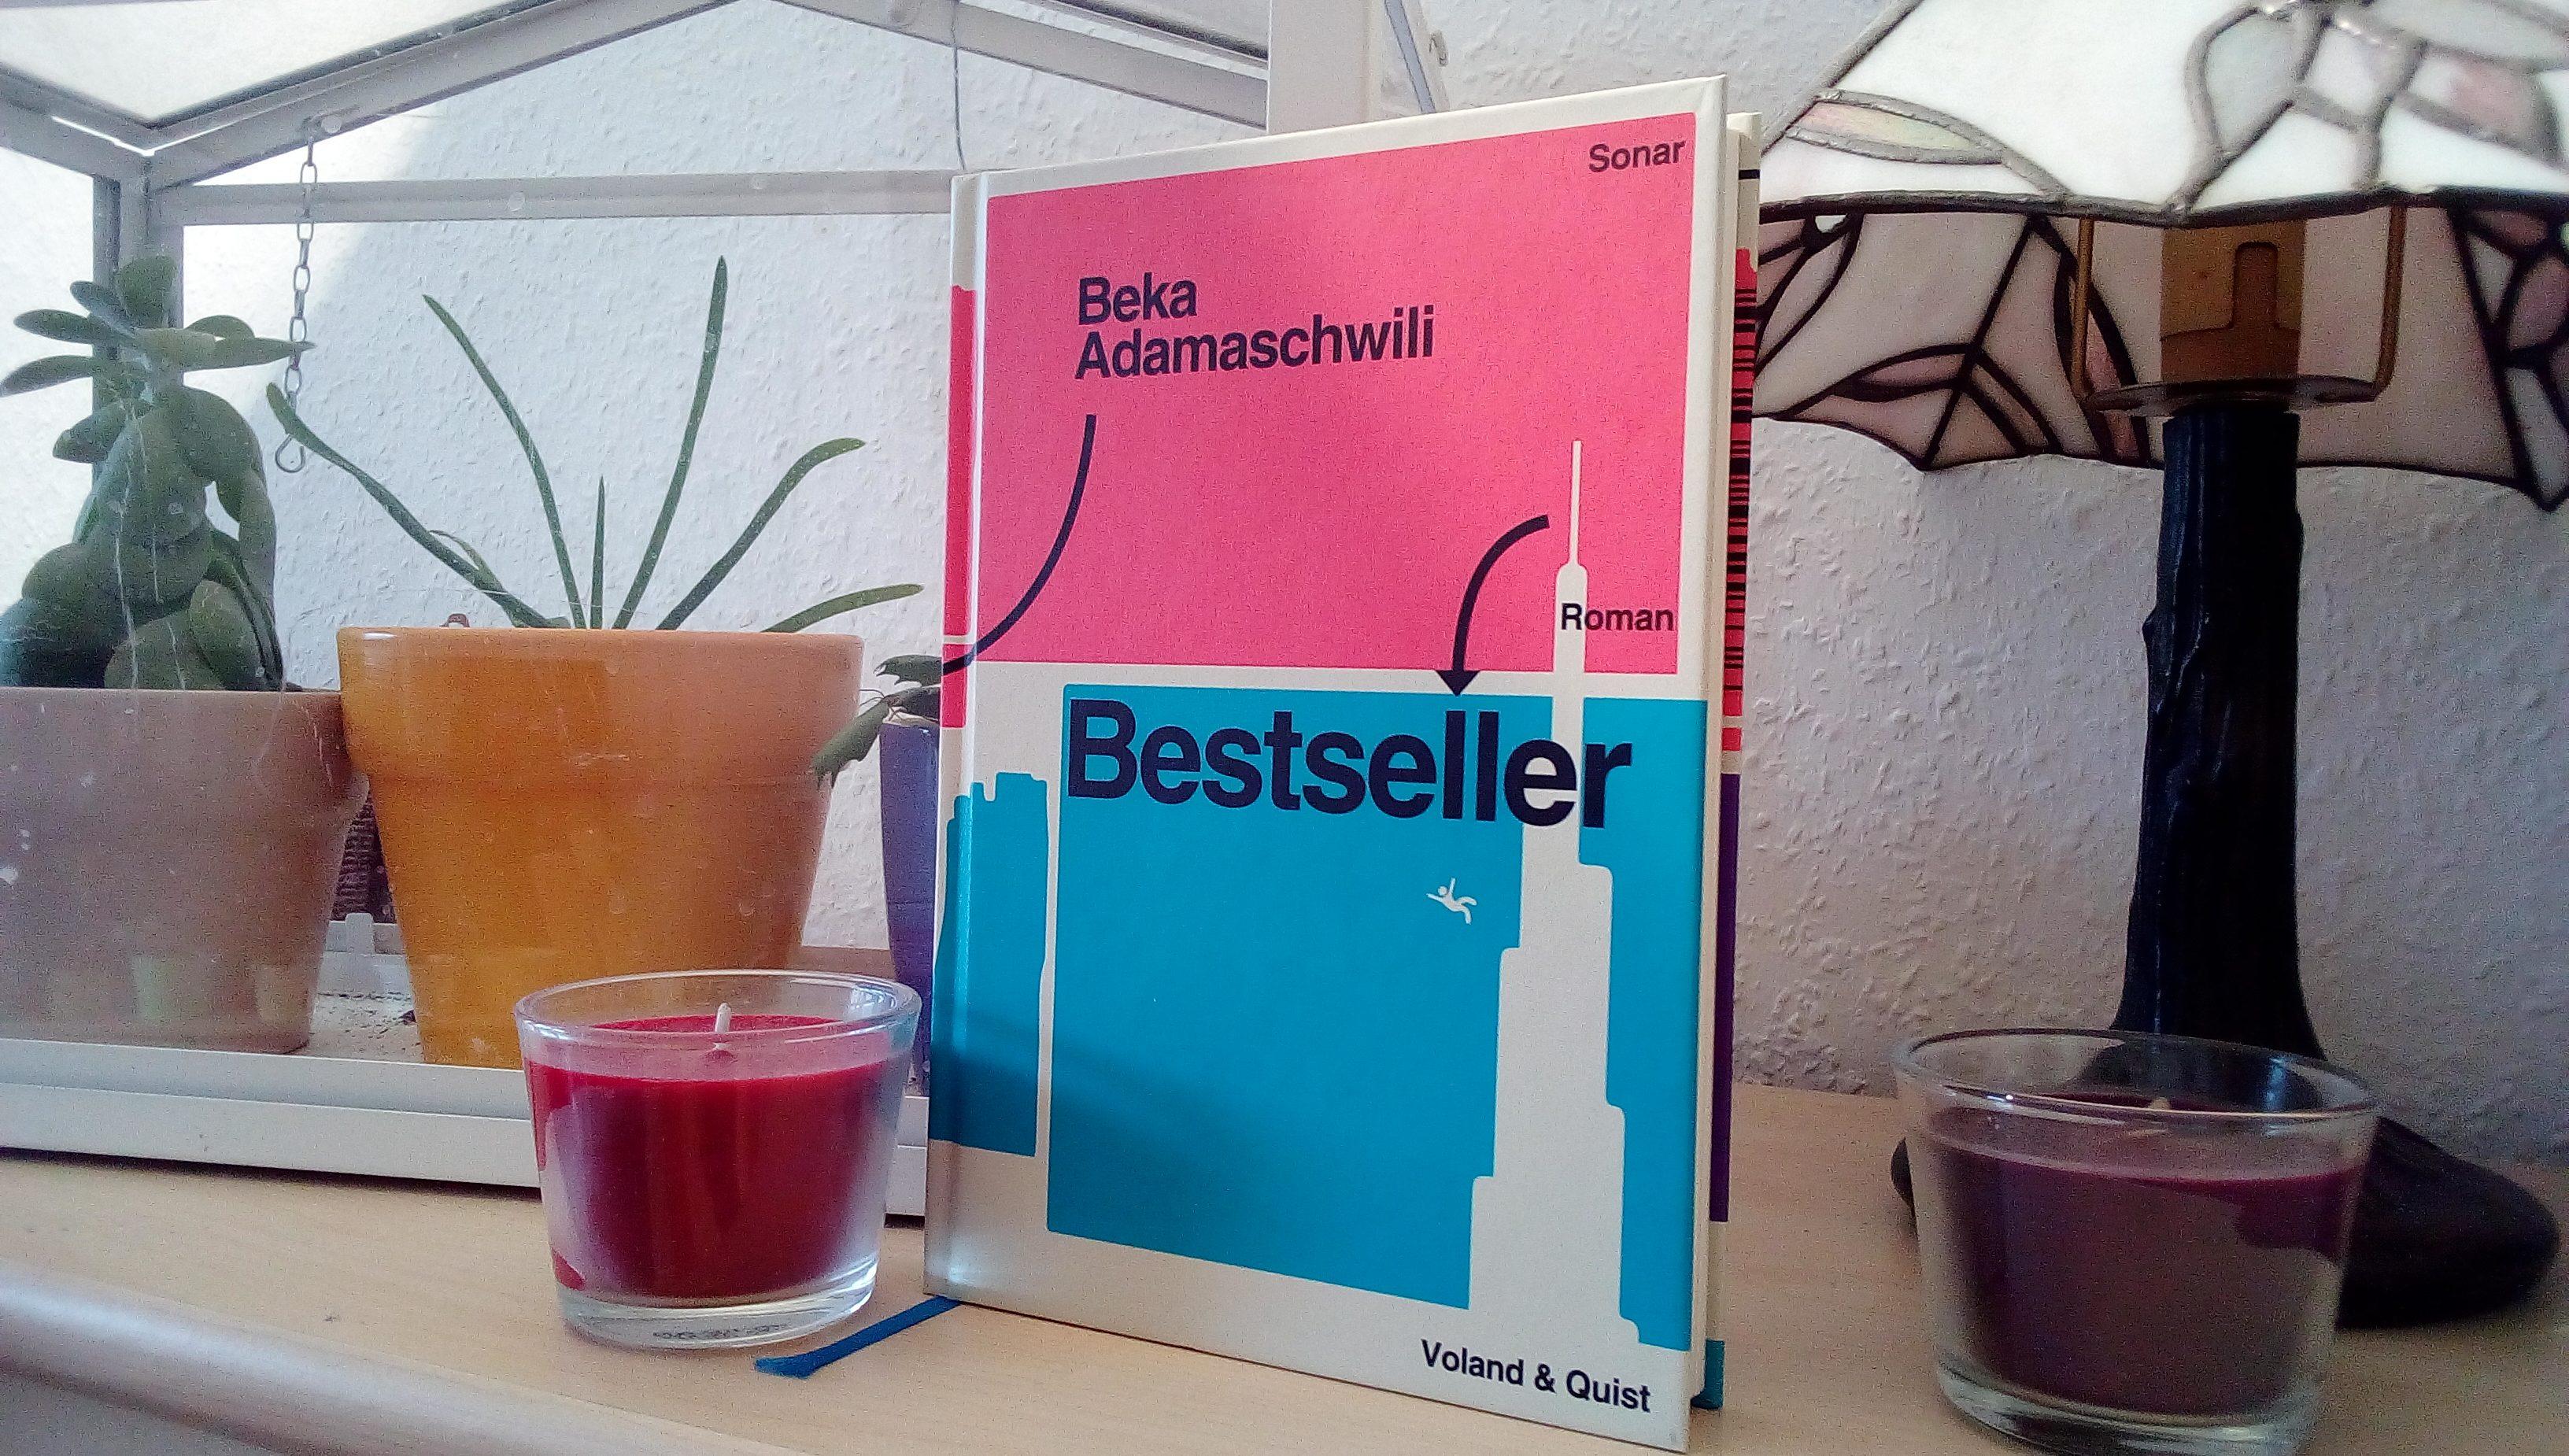 [Bücher in Büchern] Bestseller von Beka Adamaschwili